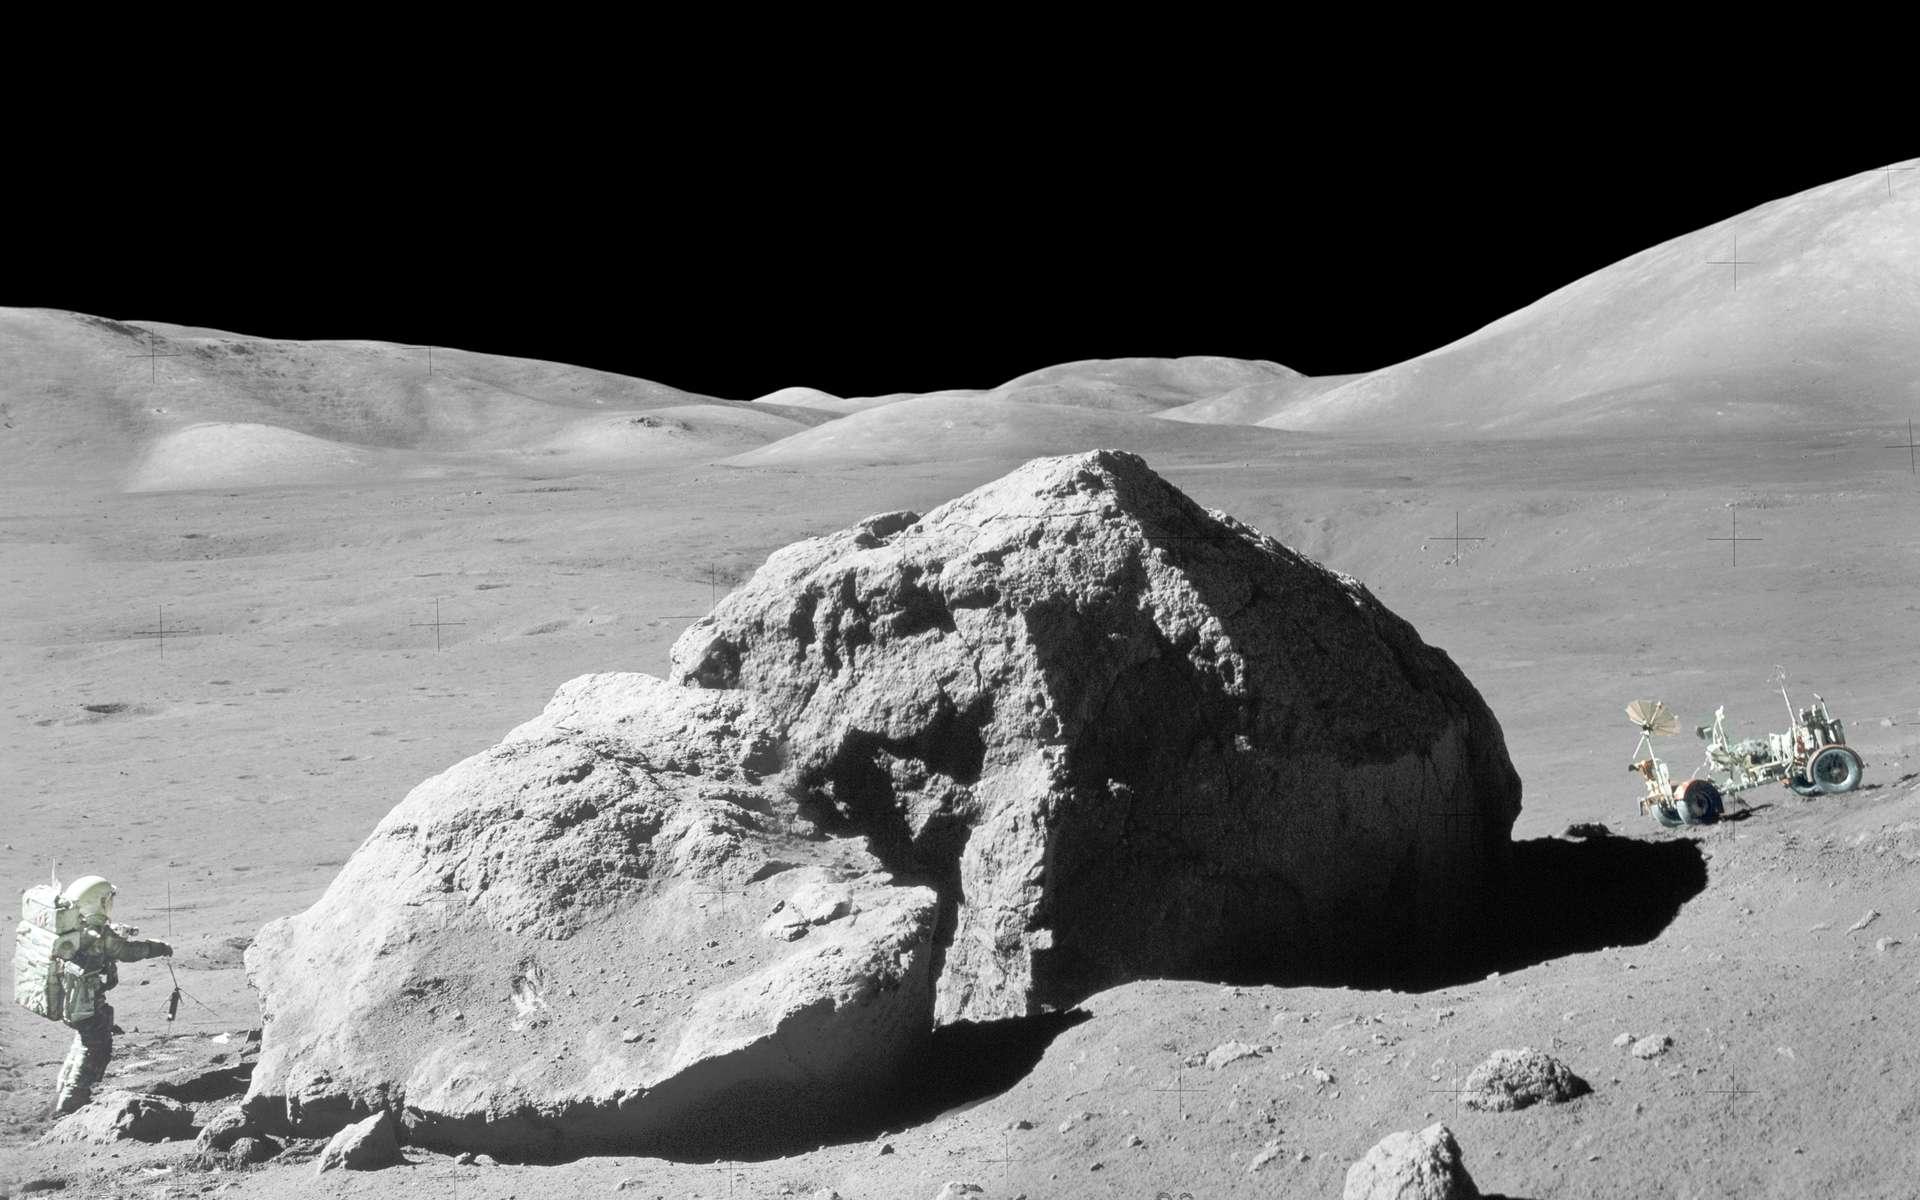 Une célèbre vue du géologue Harrison Schmitt proche du rocher de Tracy lors de la mission Apollo 17. © Nasa